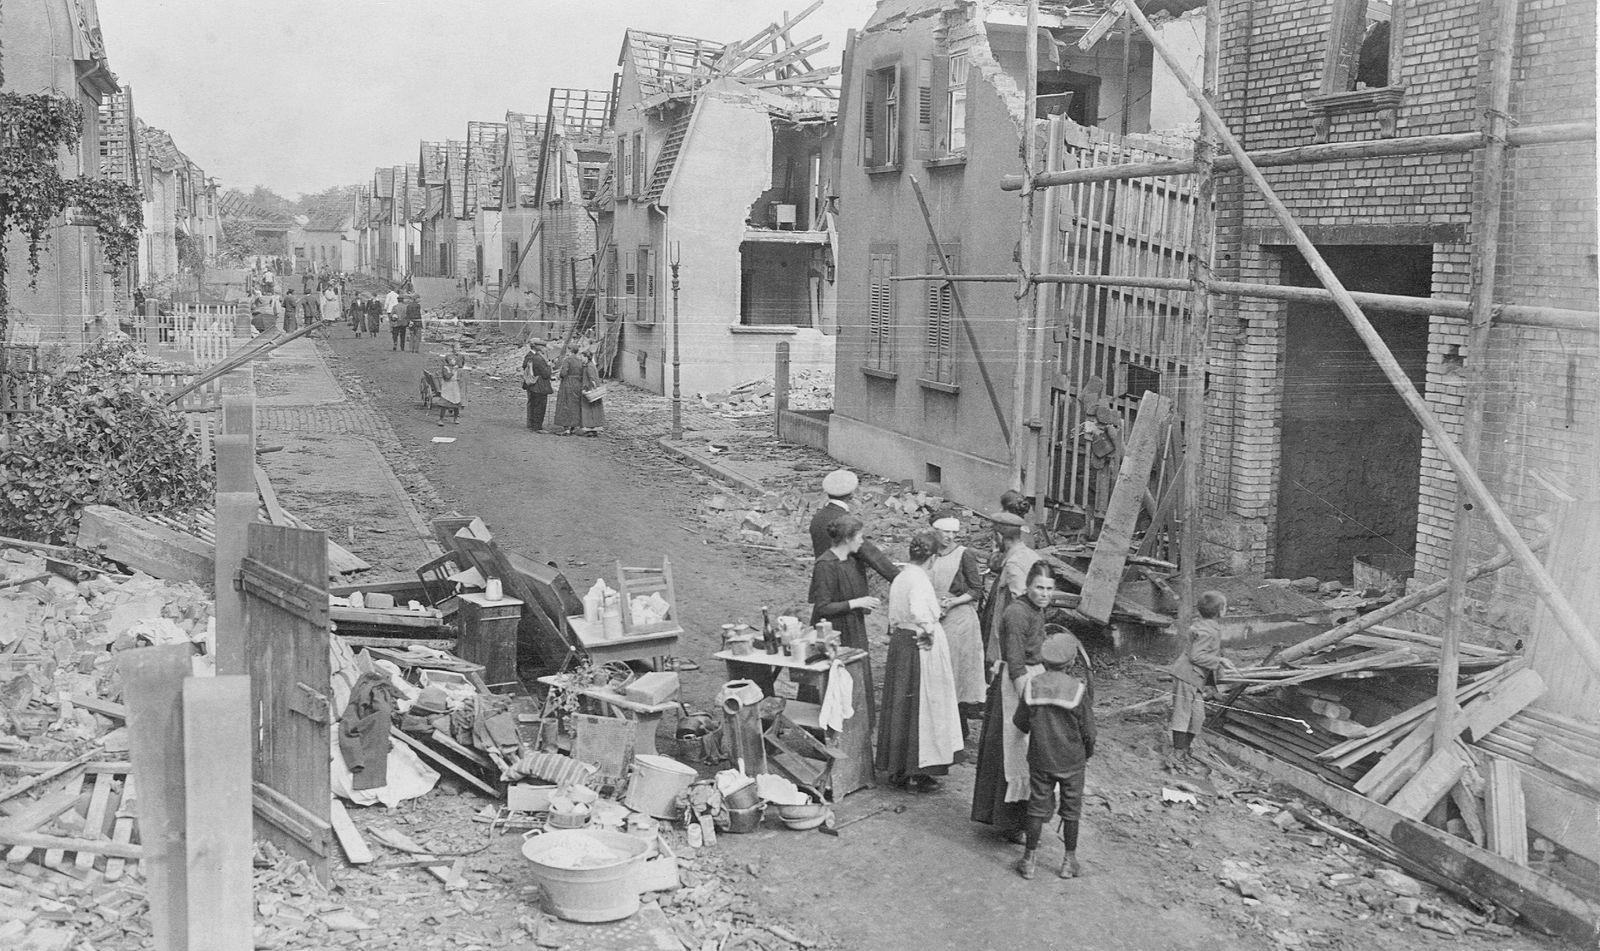 Hauptstraße des durch die Explosion des BASF-Werks zerstörten Oppau, 1921